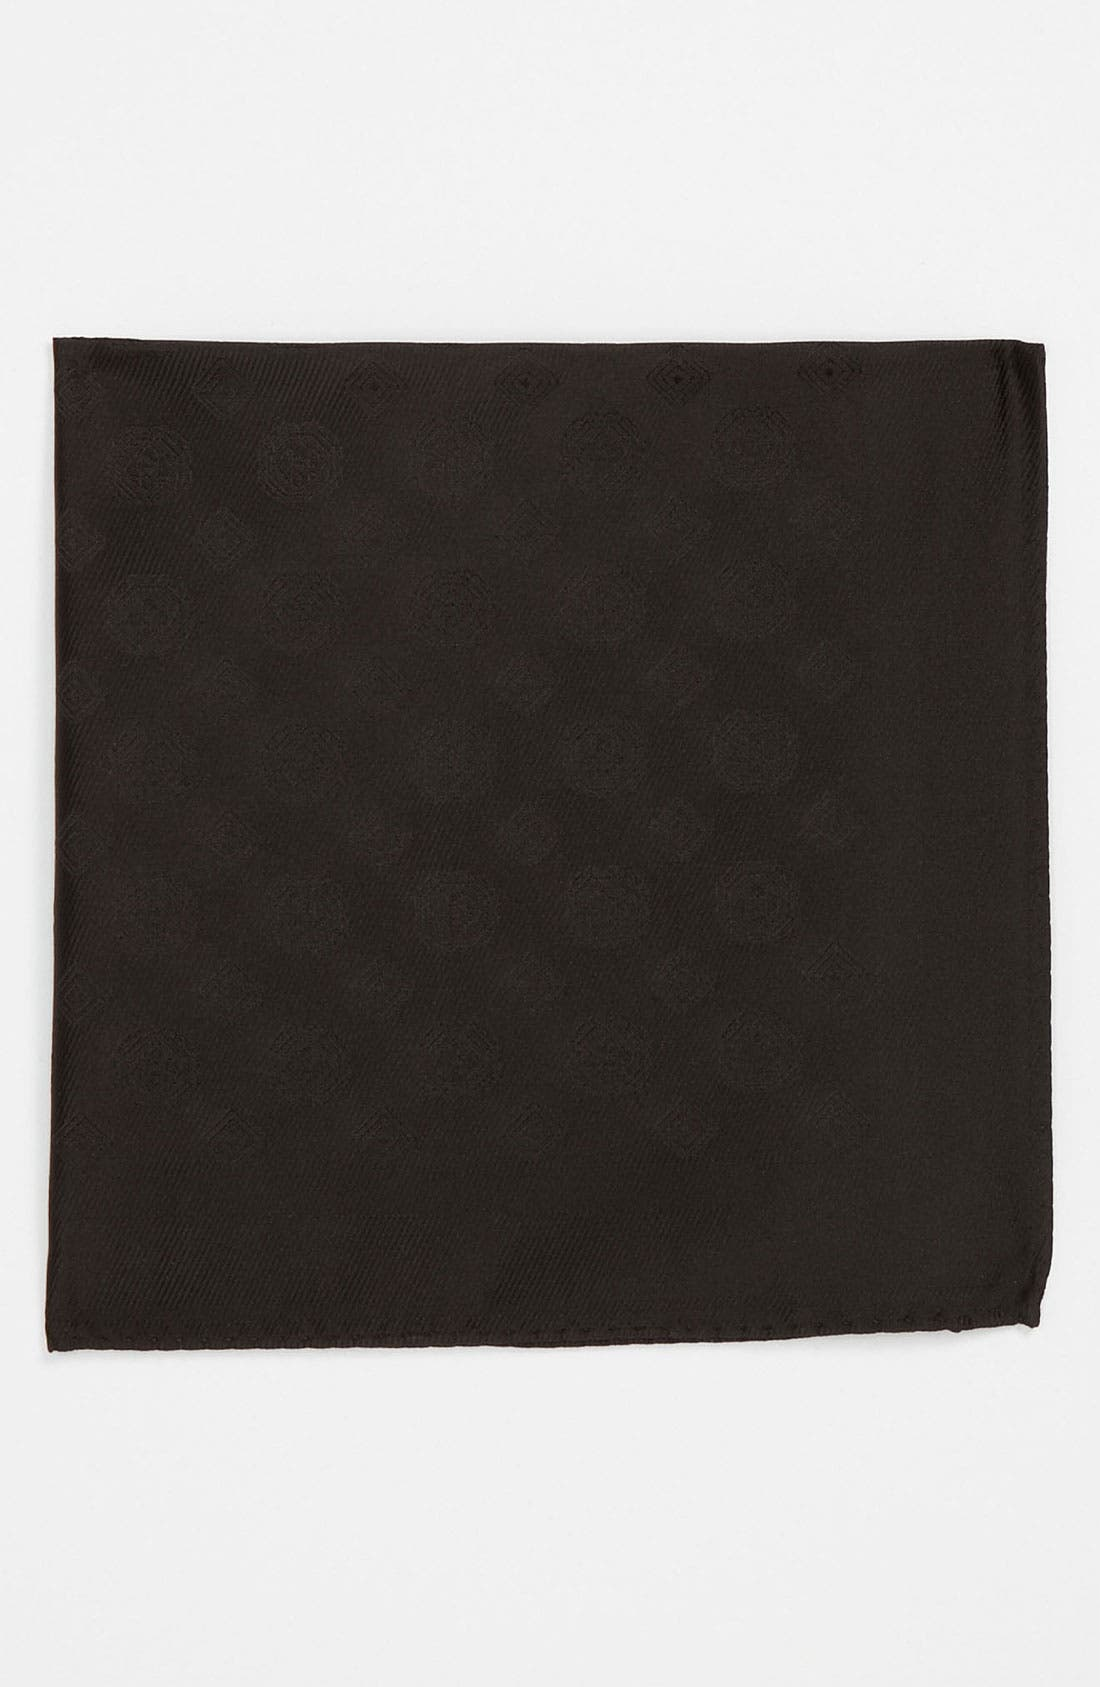 Alternate Image 1 Selected - Robert Talbott Silk Pocket Square